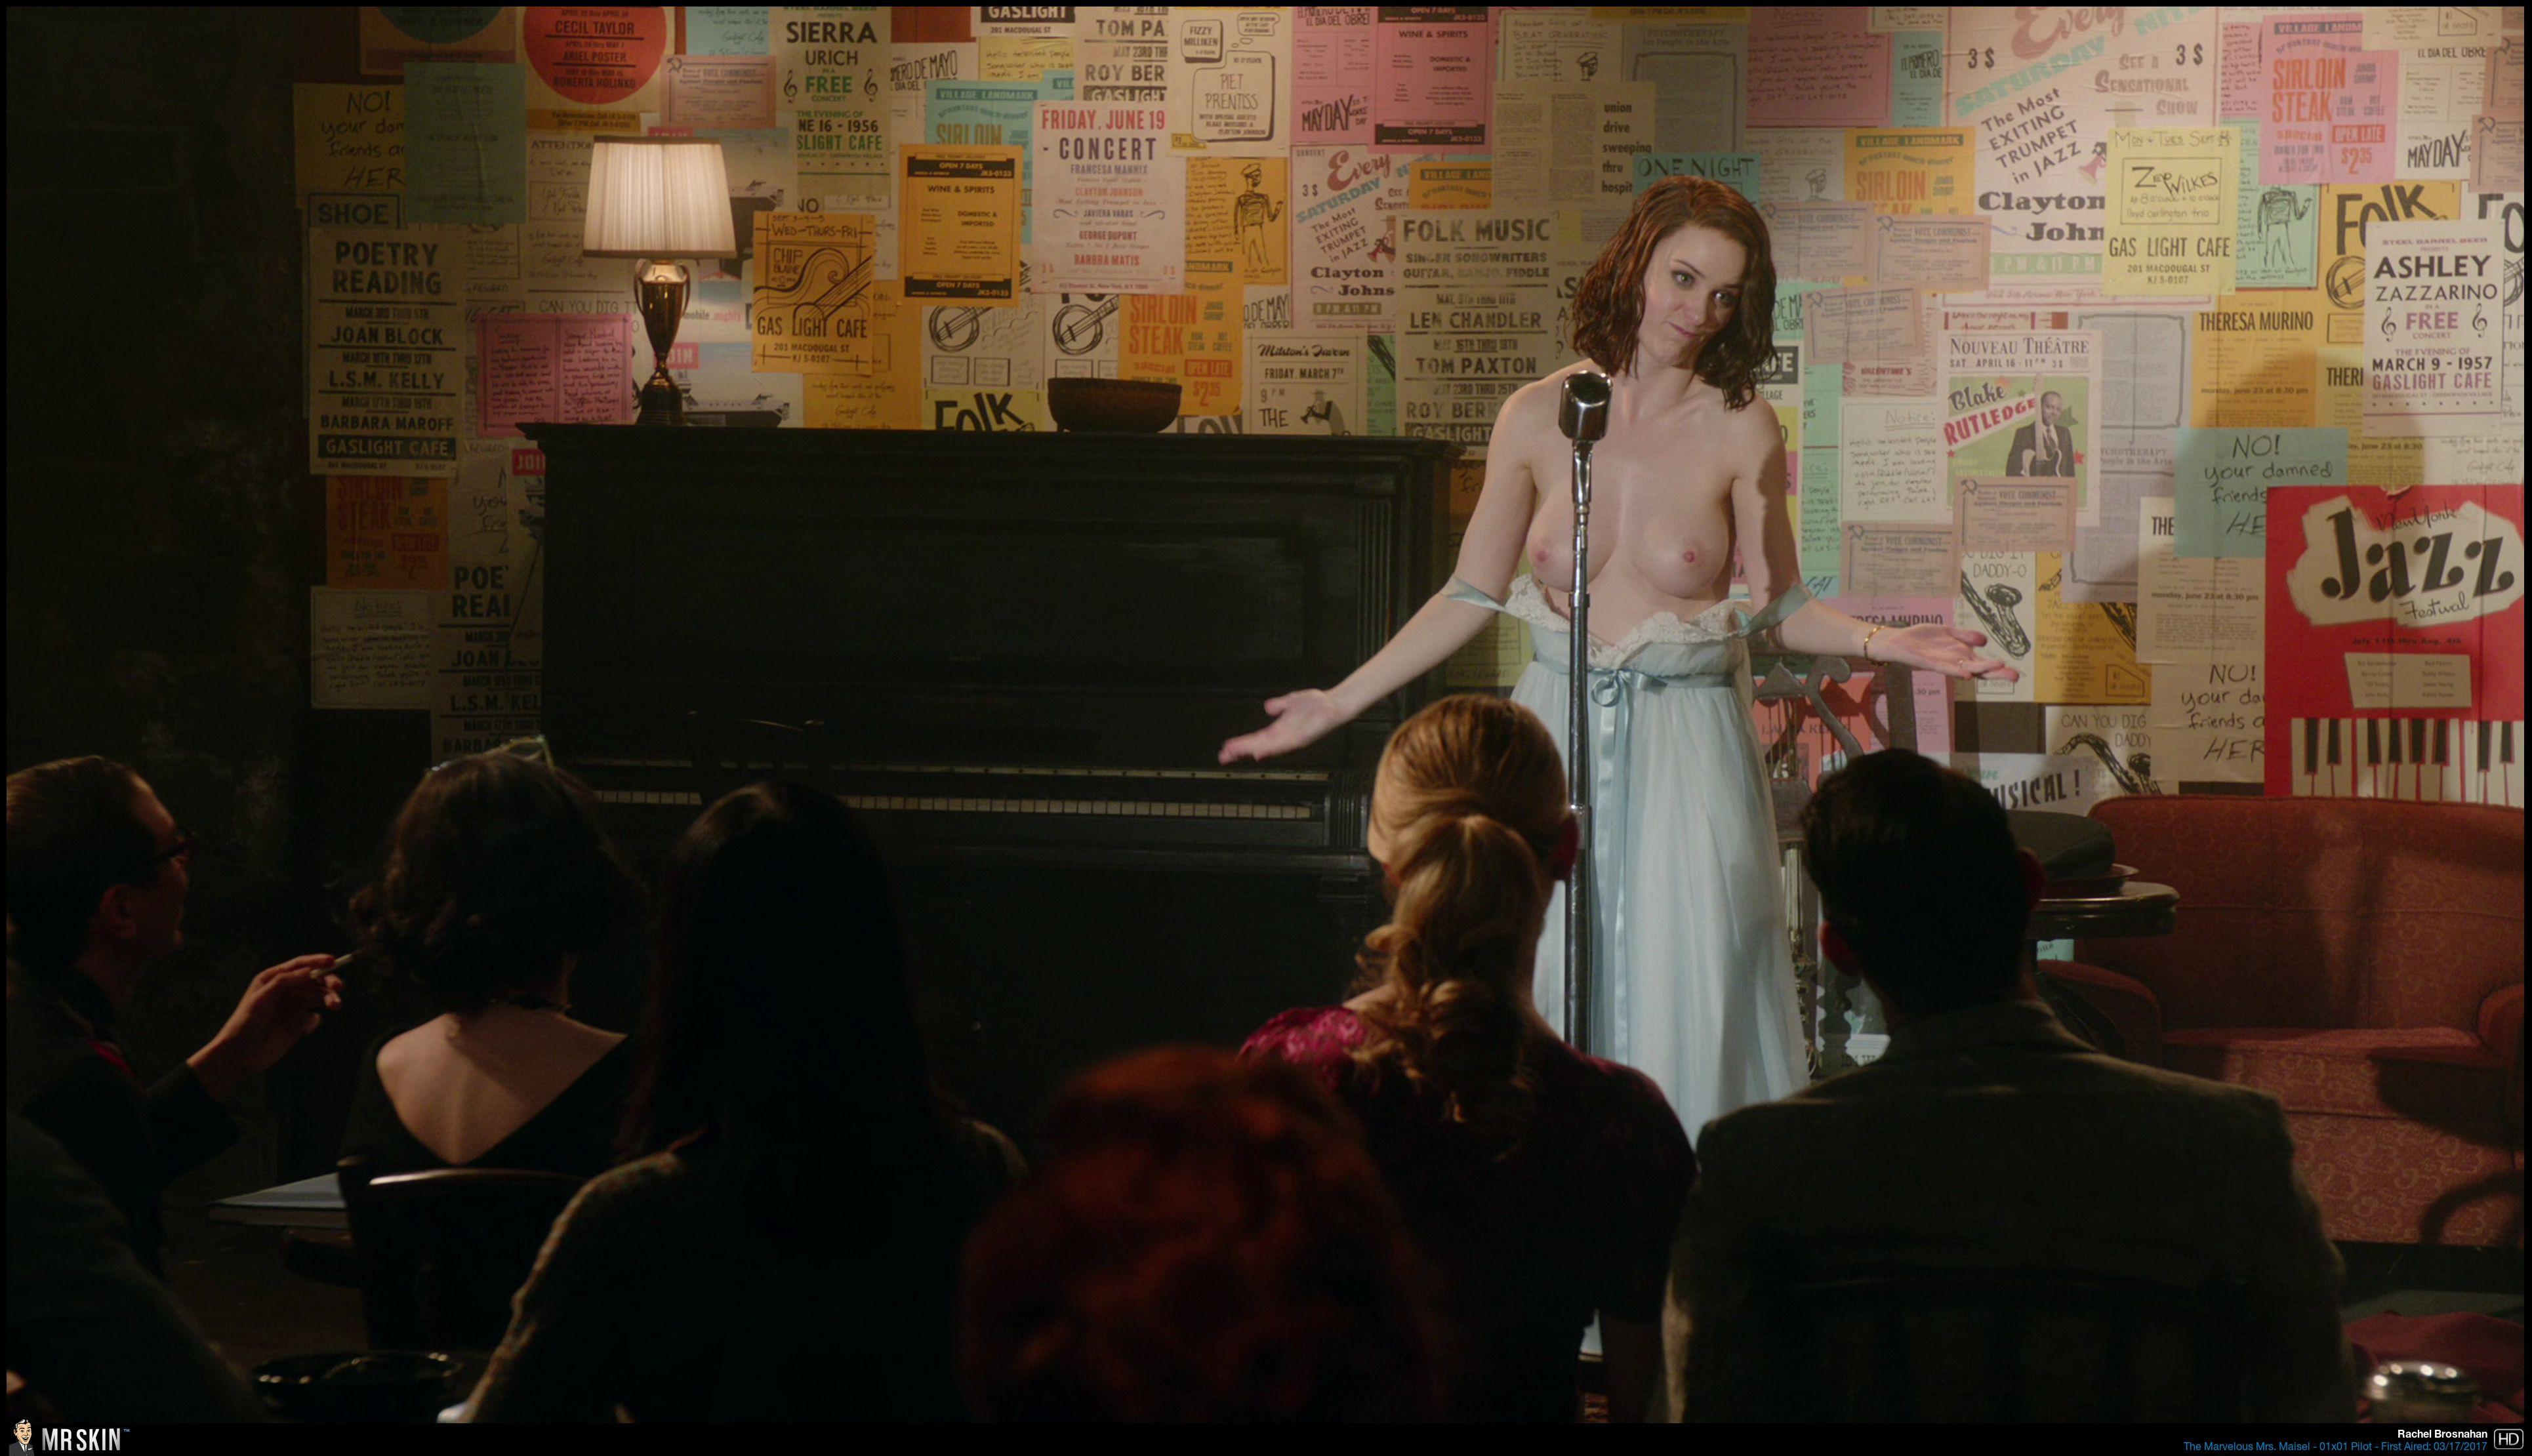 The best nude scenes